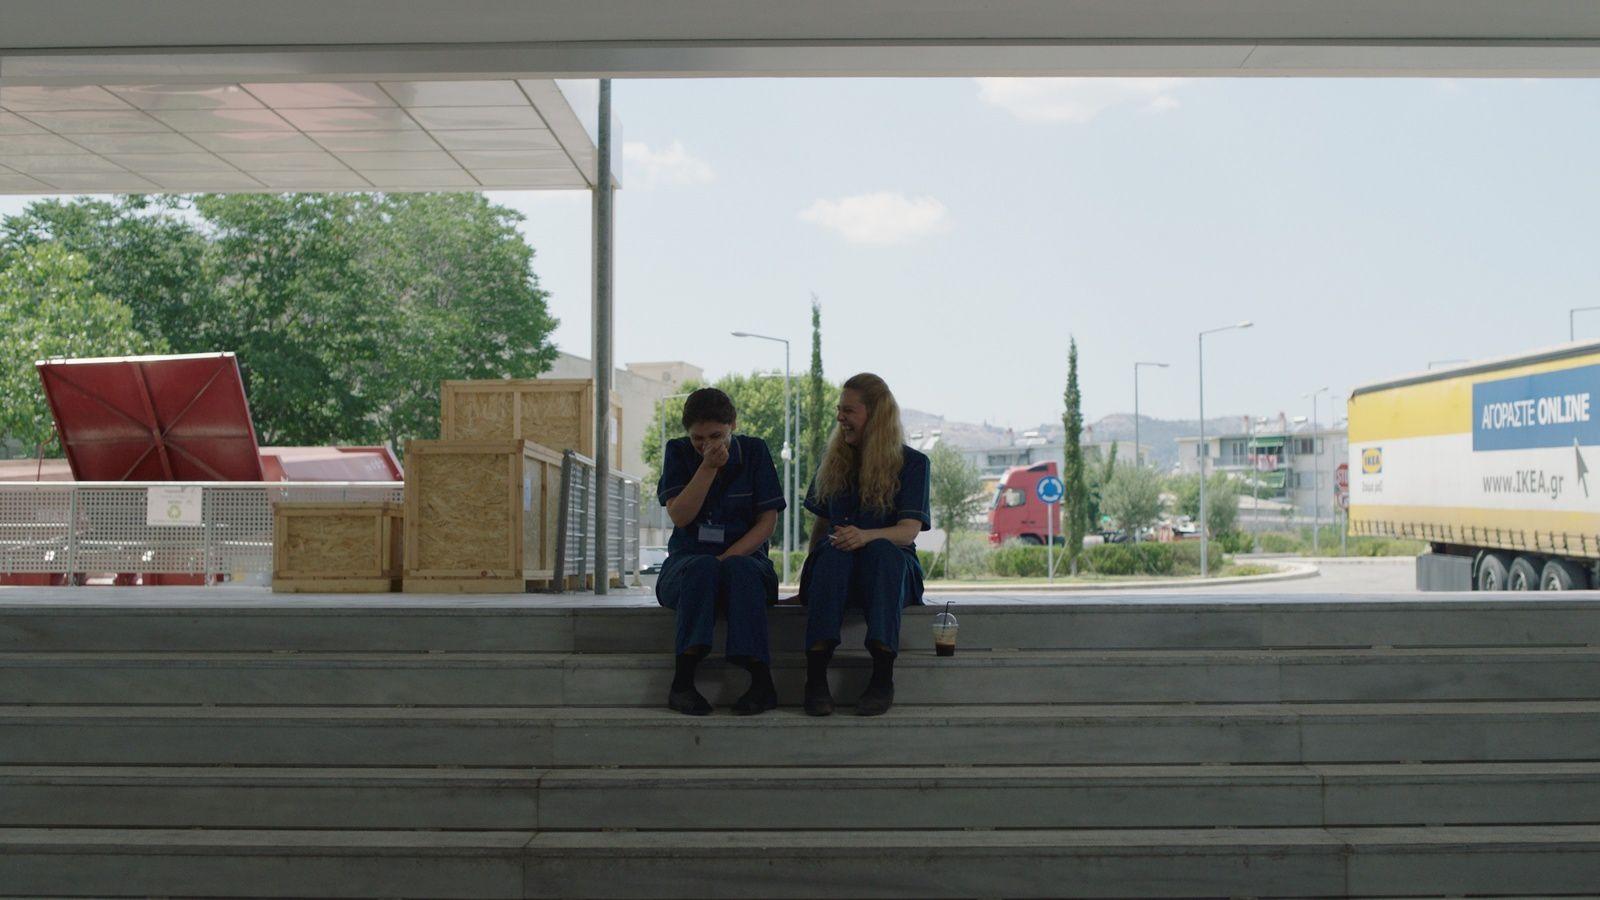 HER JOB (BANDE-ANNONCE) de Nikos Labôt - Le 1er mai 2019 au cinéma